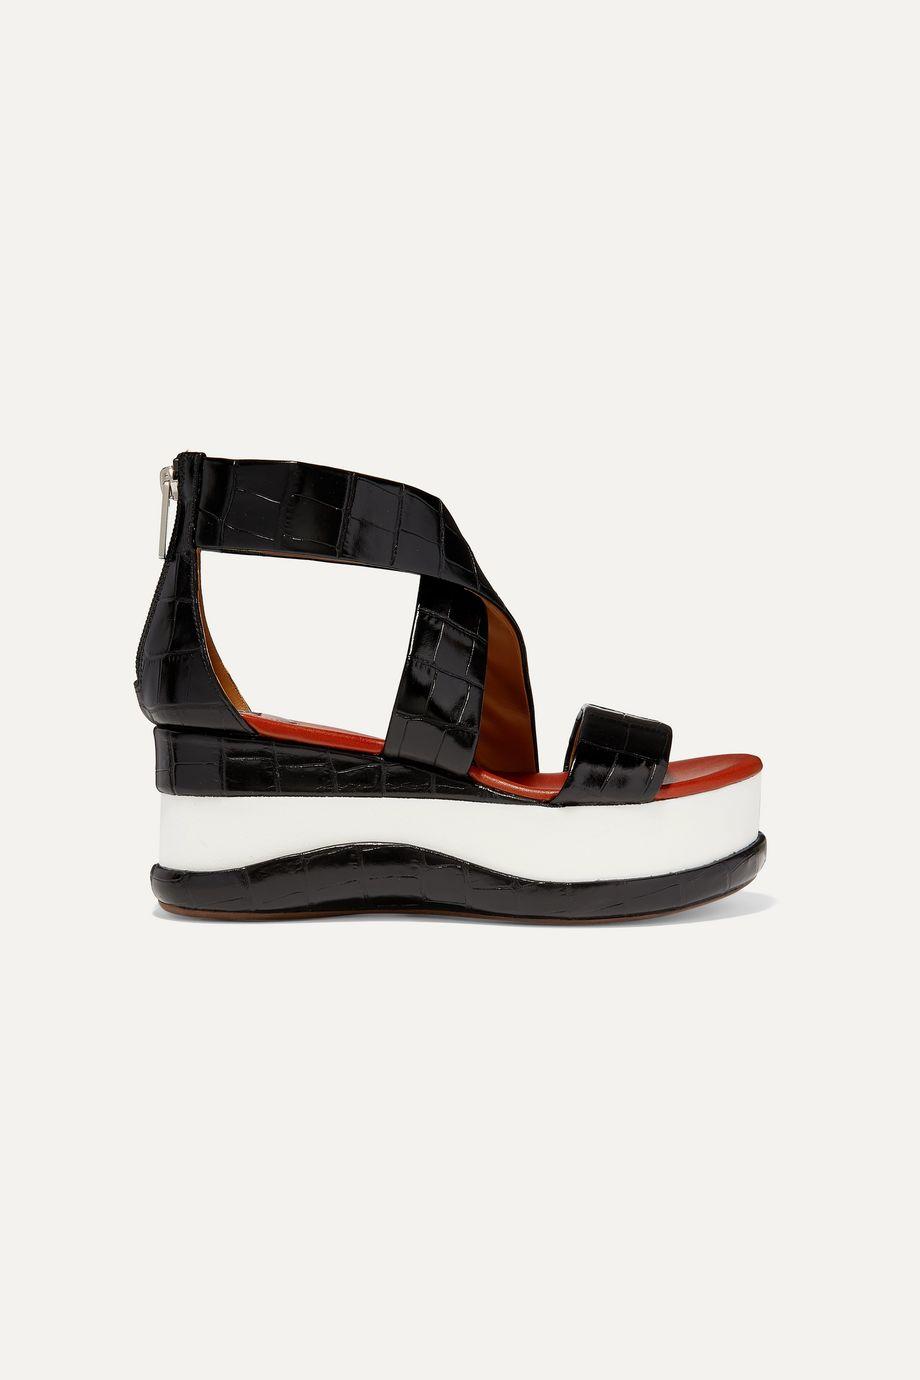 Chloé Wave croc-effect leather platform sandals